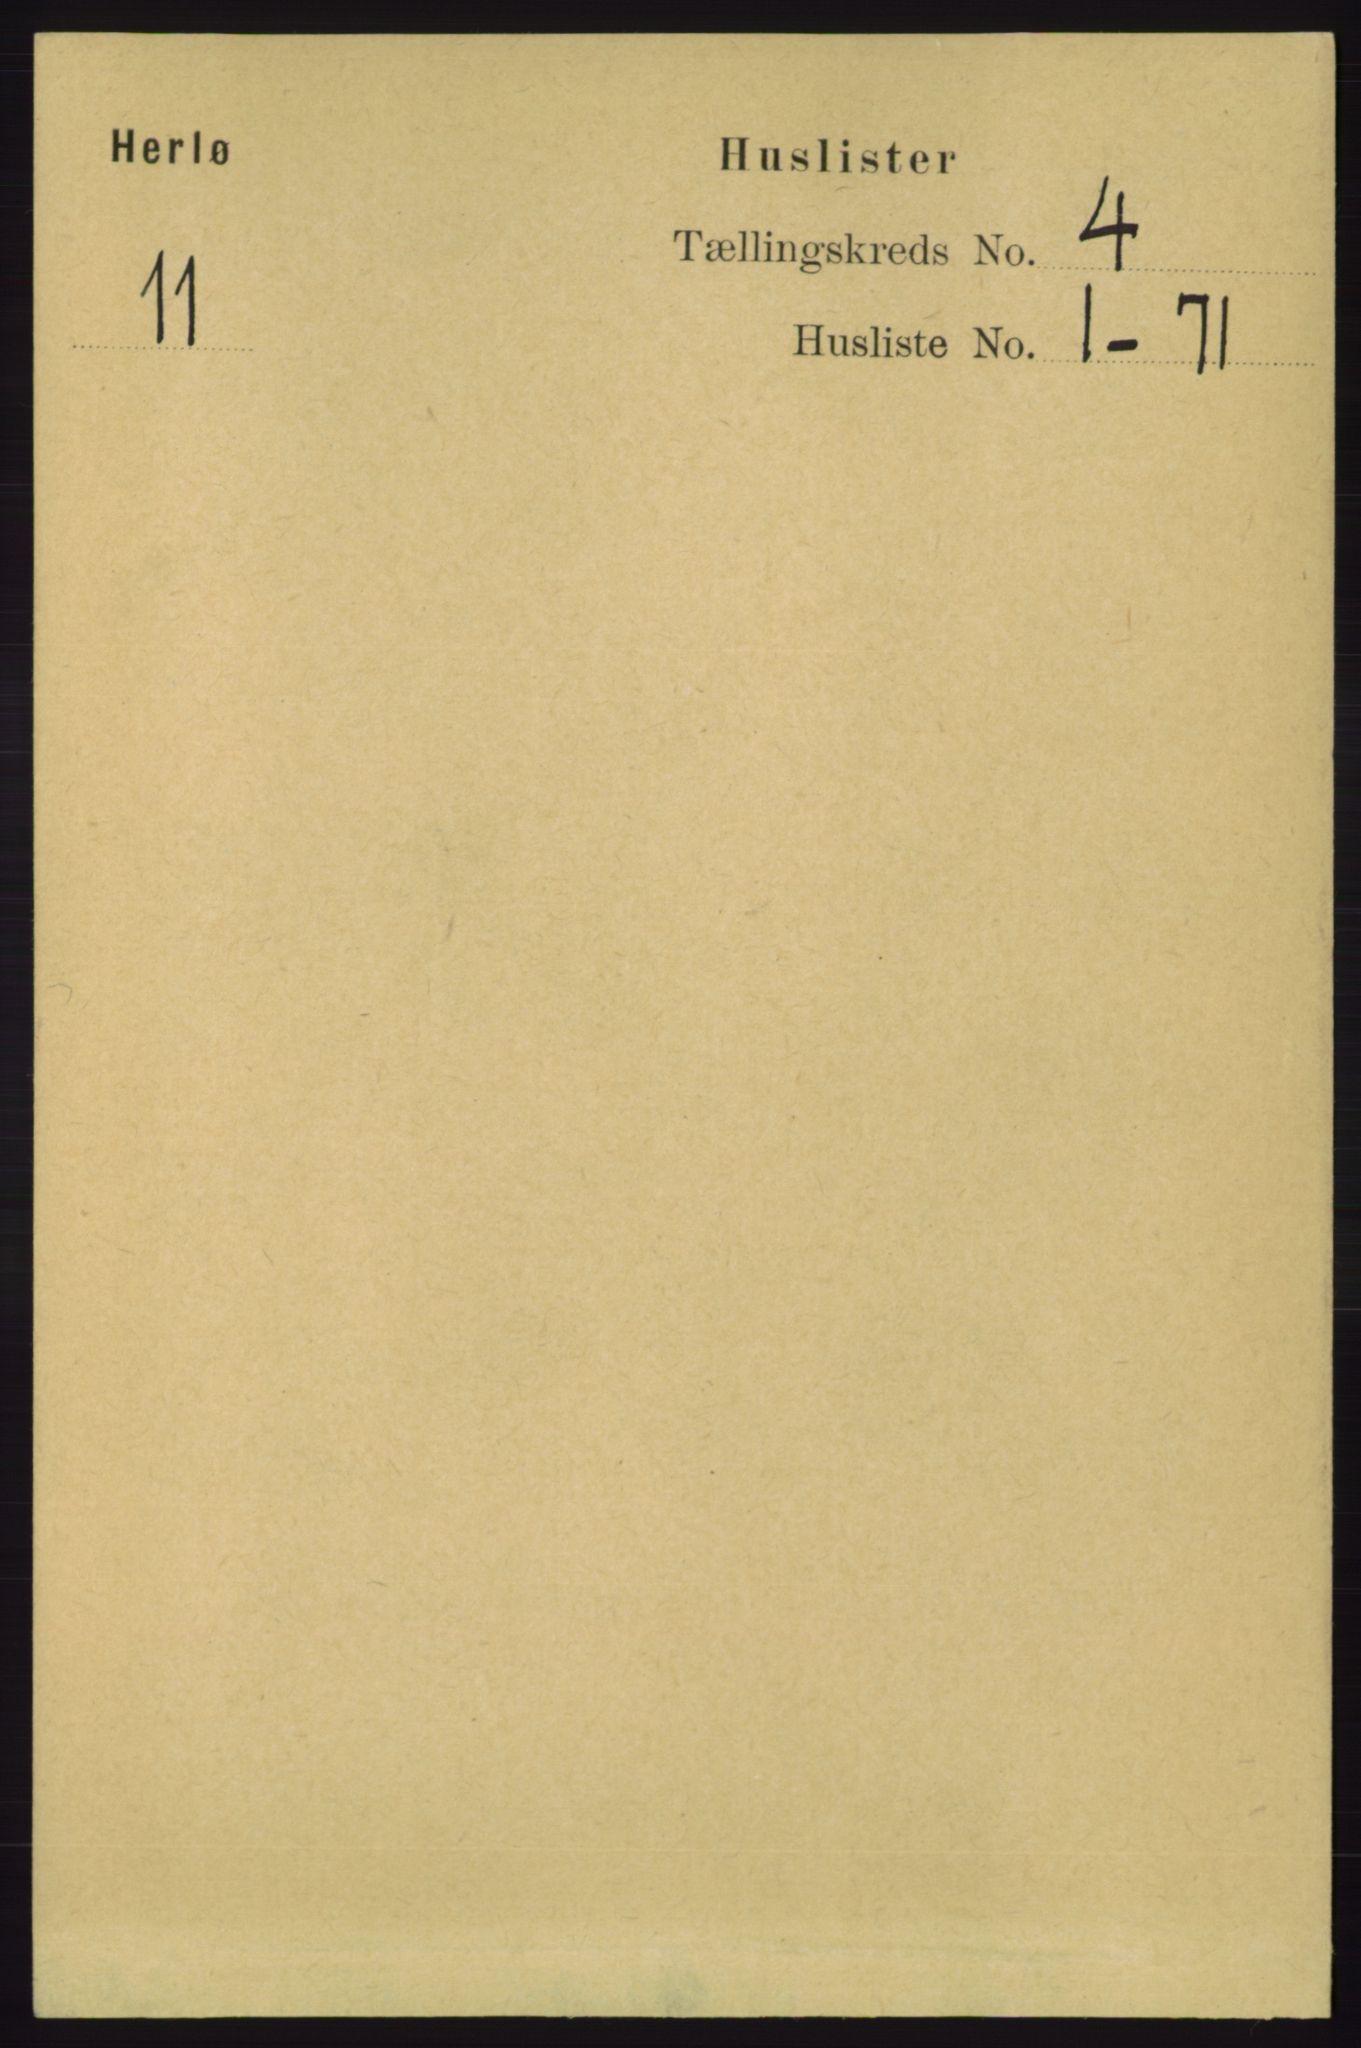 RA, Folketelling 1891 for 1258 Herdla herred, 1891, s. 1470